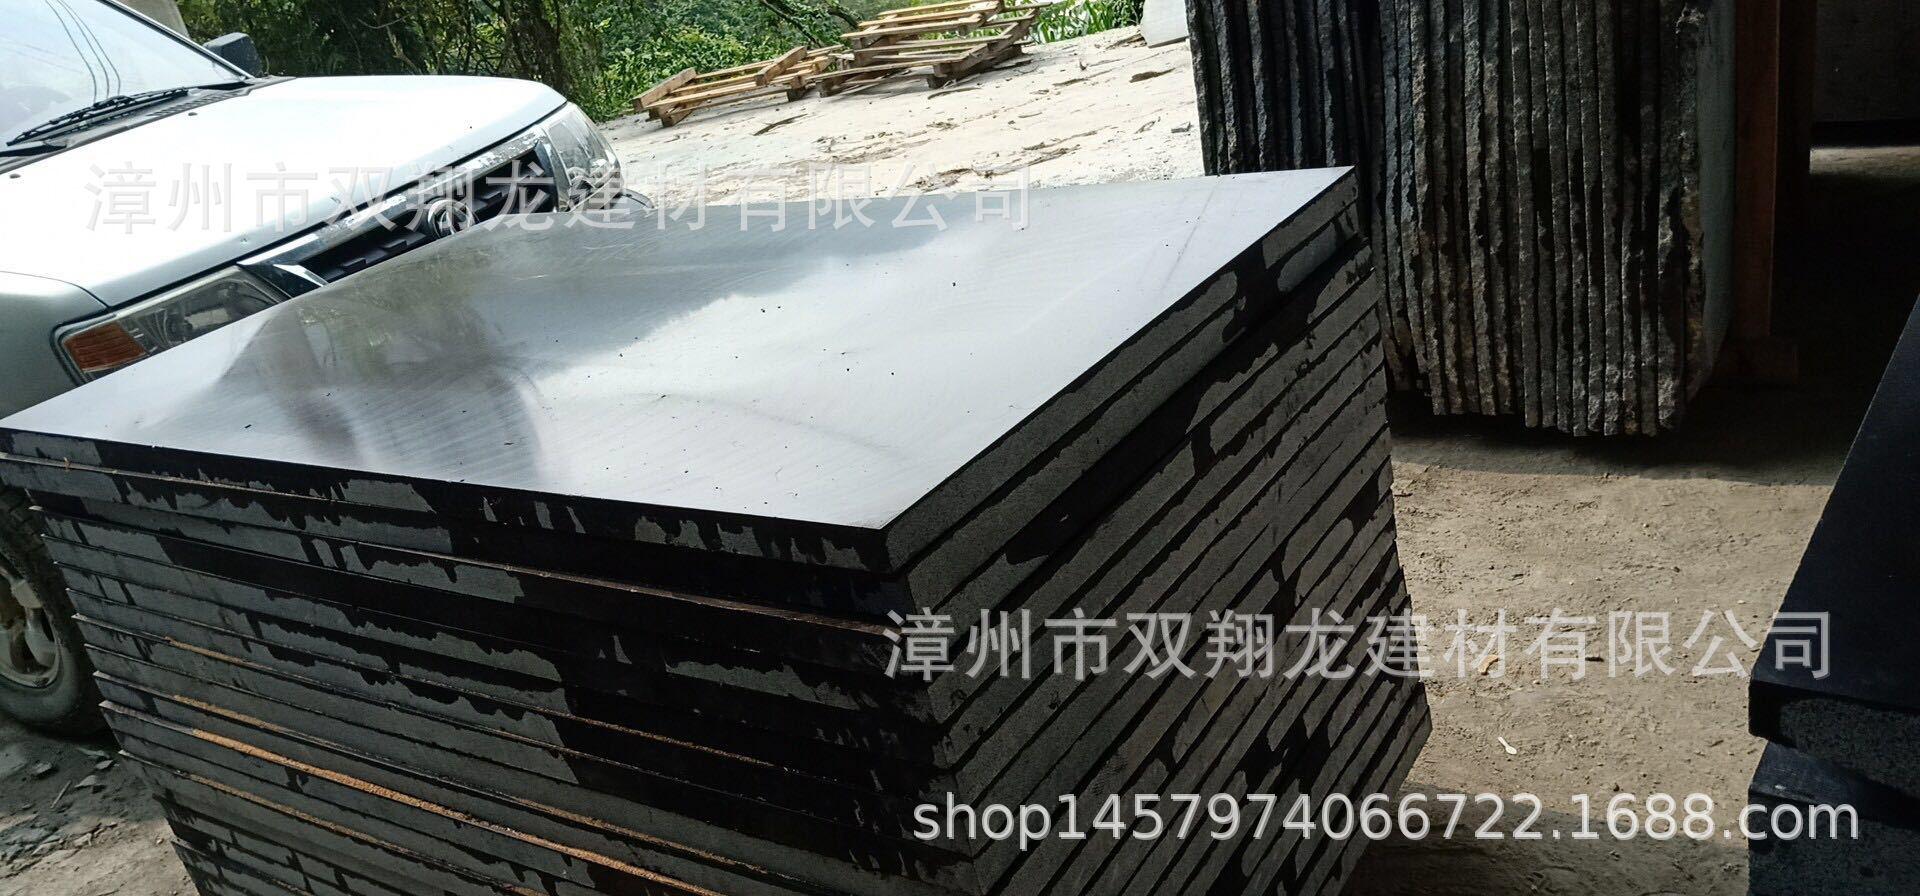 厂家大量批发芝麻黑深灰染色仿中国黑G654染黑条板价格划算